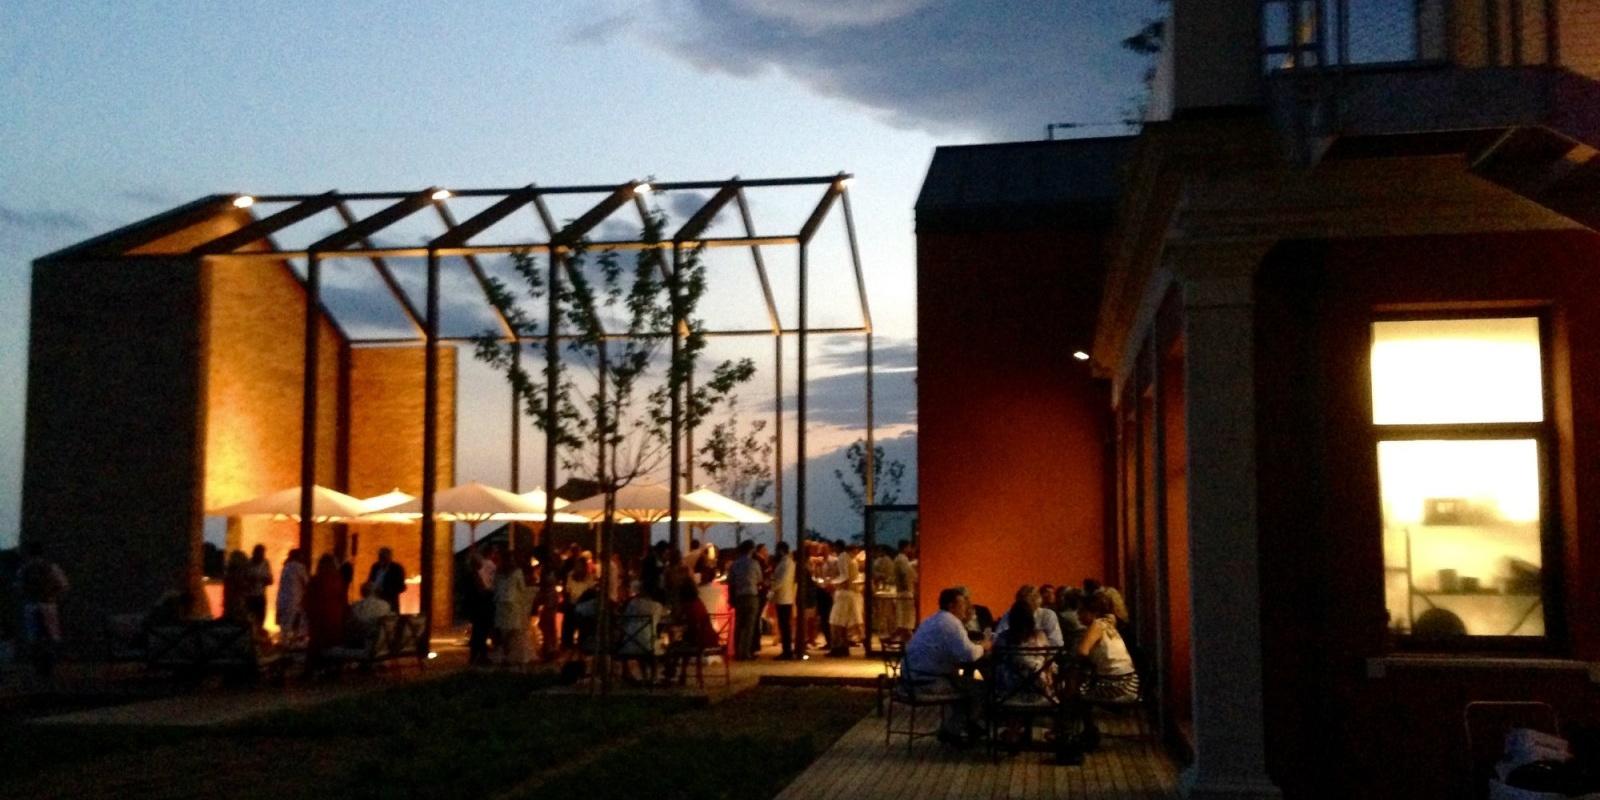 Apre un nuovo ristorante a venezia il dopolavoro all for Ristorante amo venezia